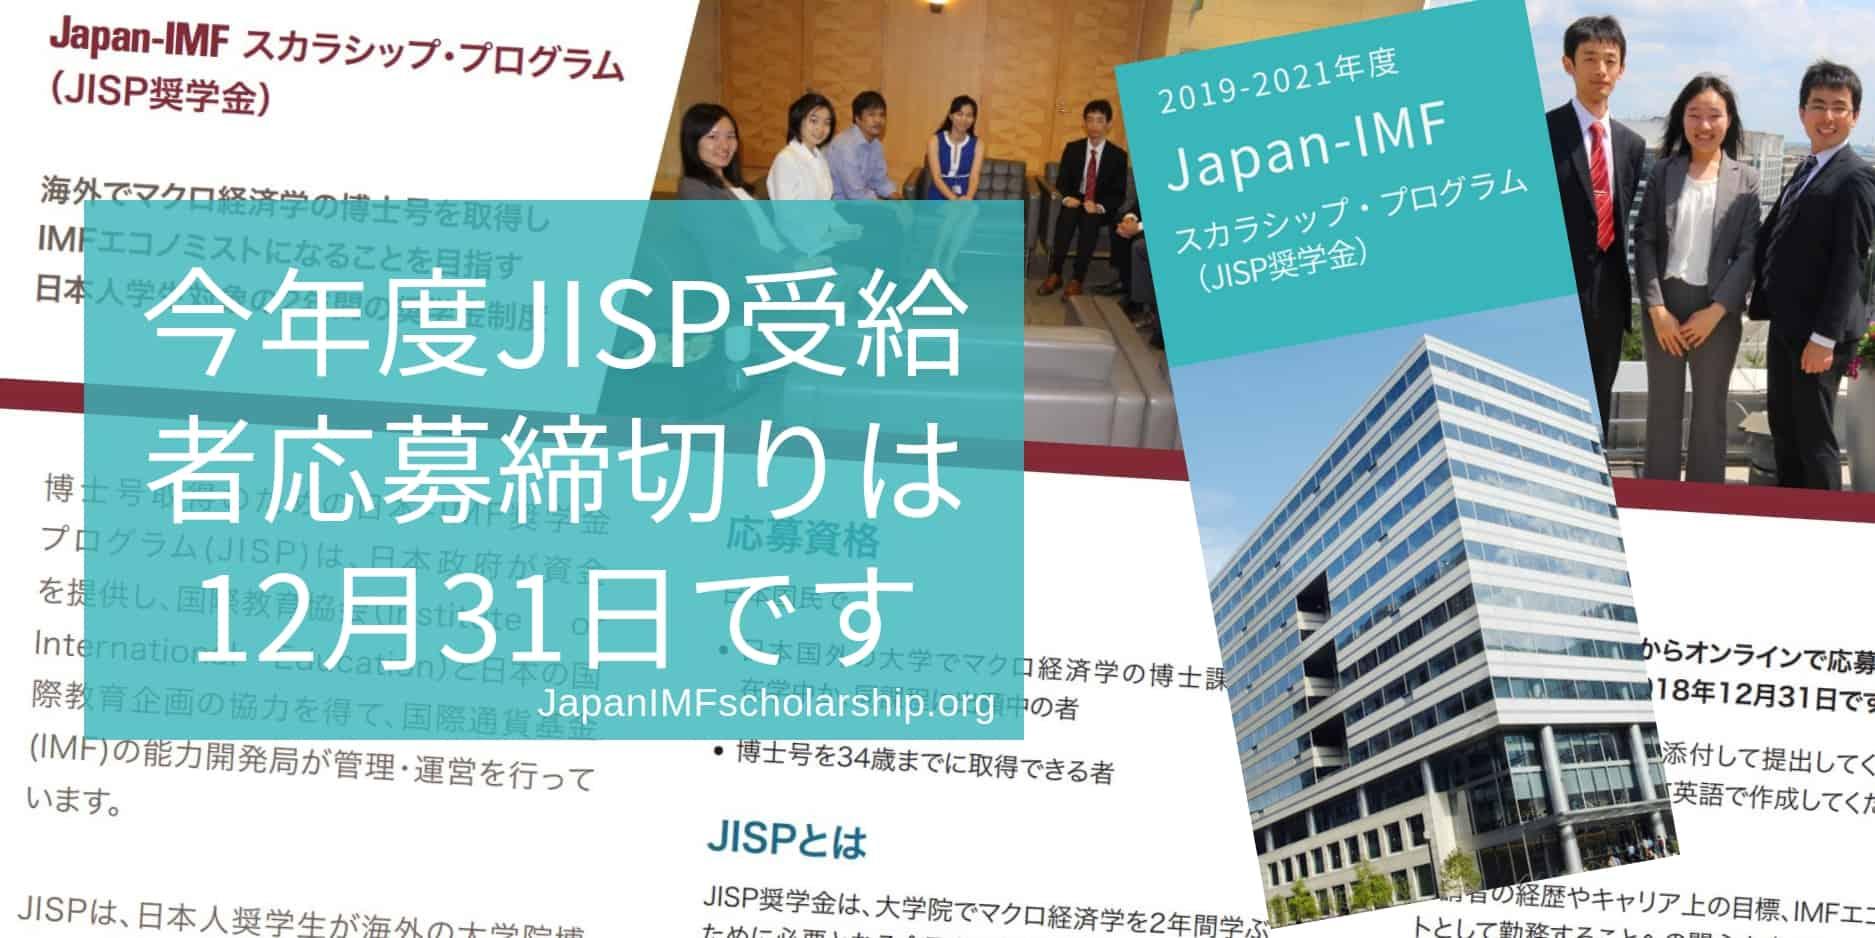 jisp 2019-2020 jisp scholarship program due date is 31st dec